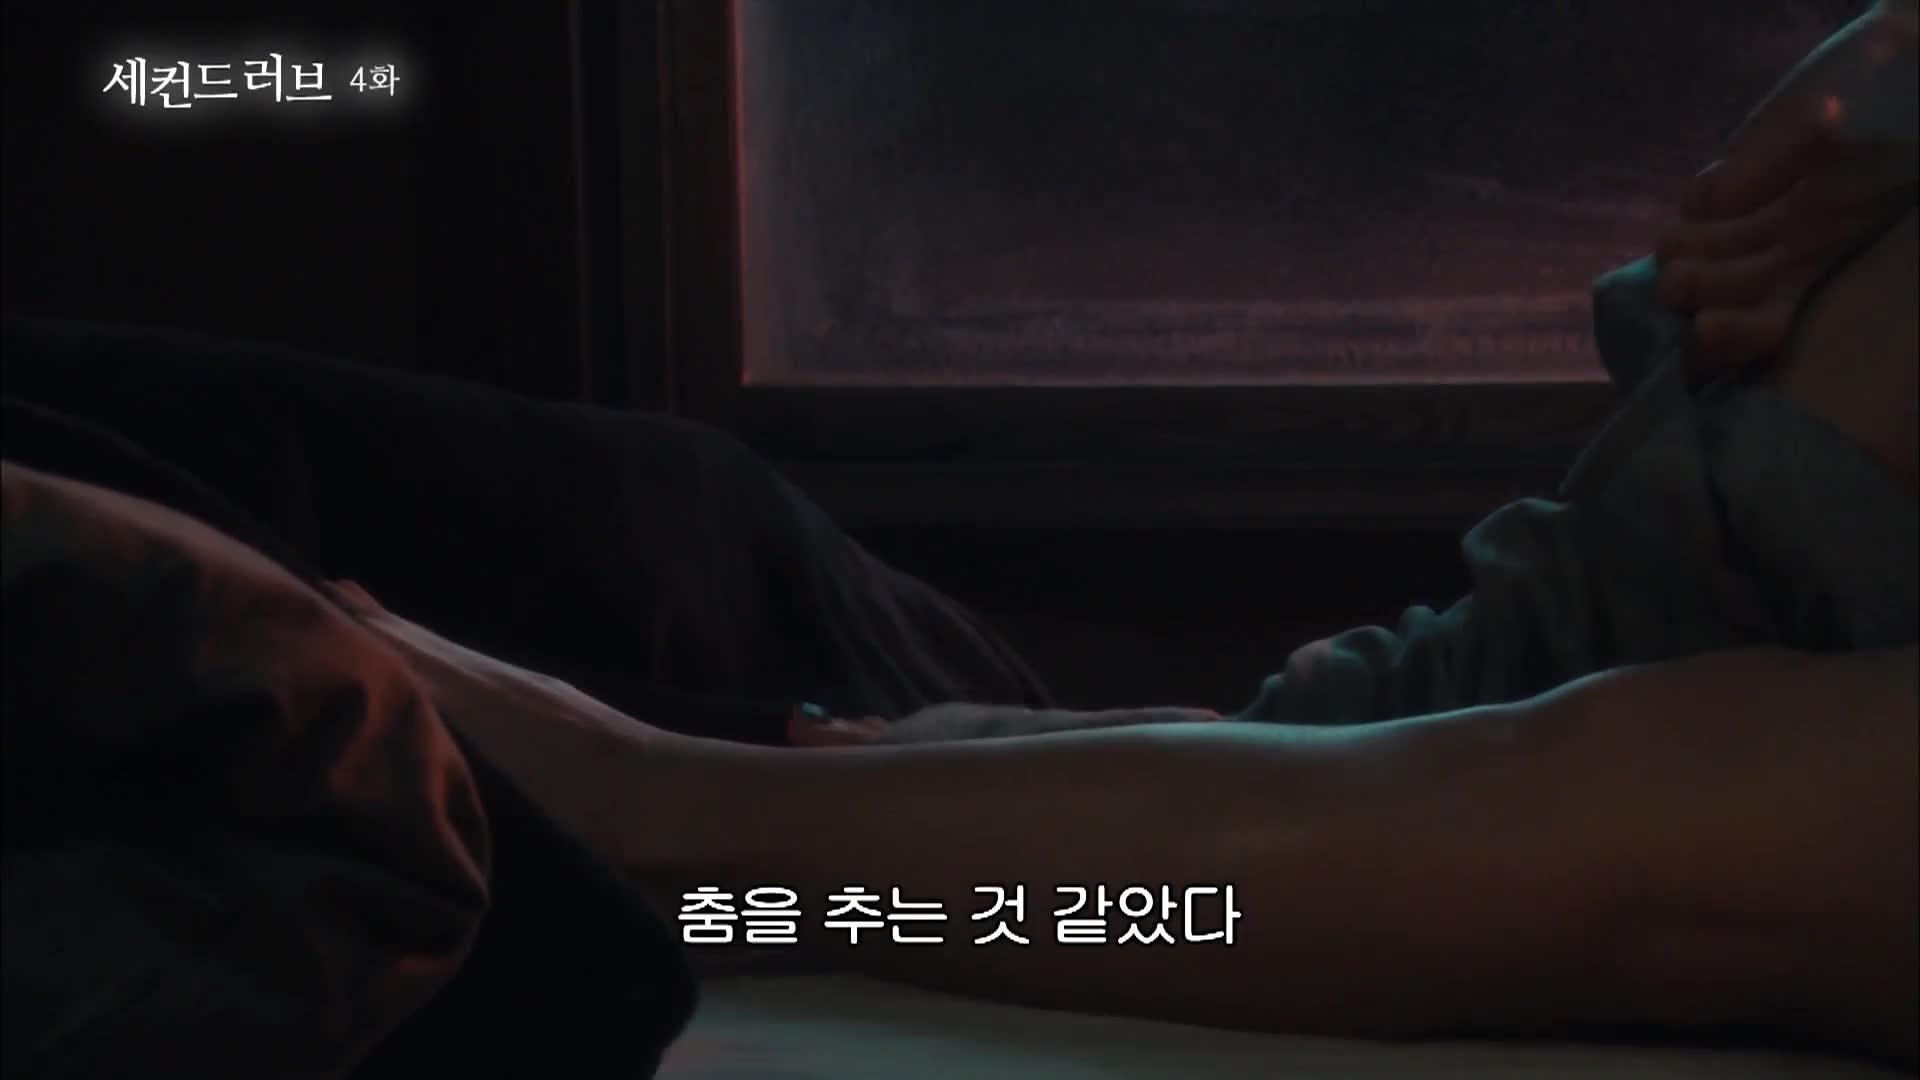 4화 동거 스캔들, 불꽃 튀는 사랑!